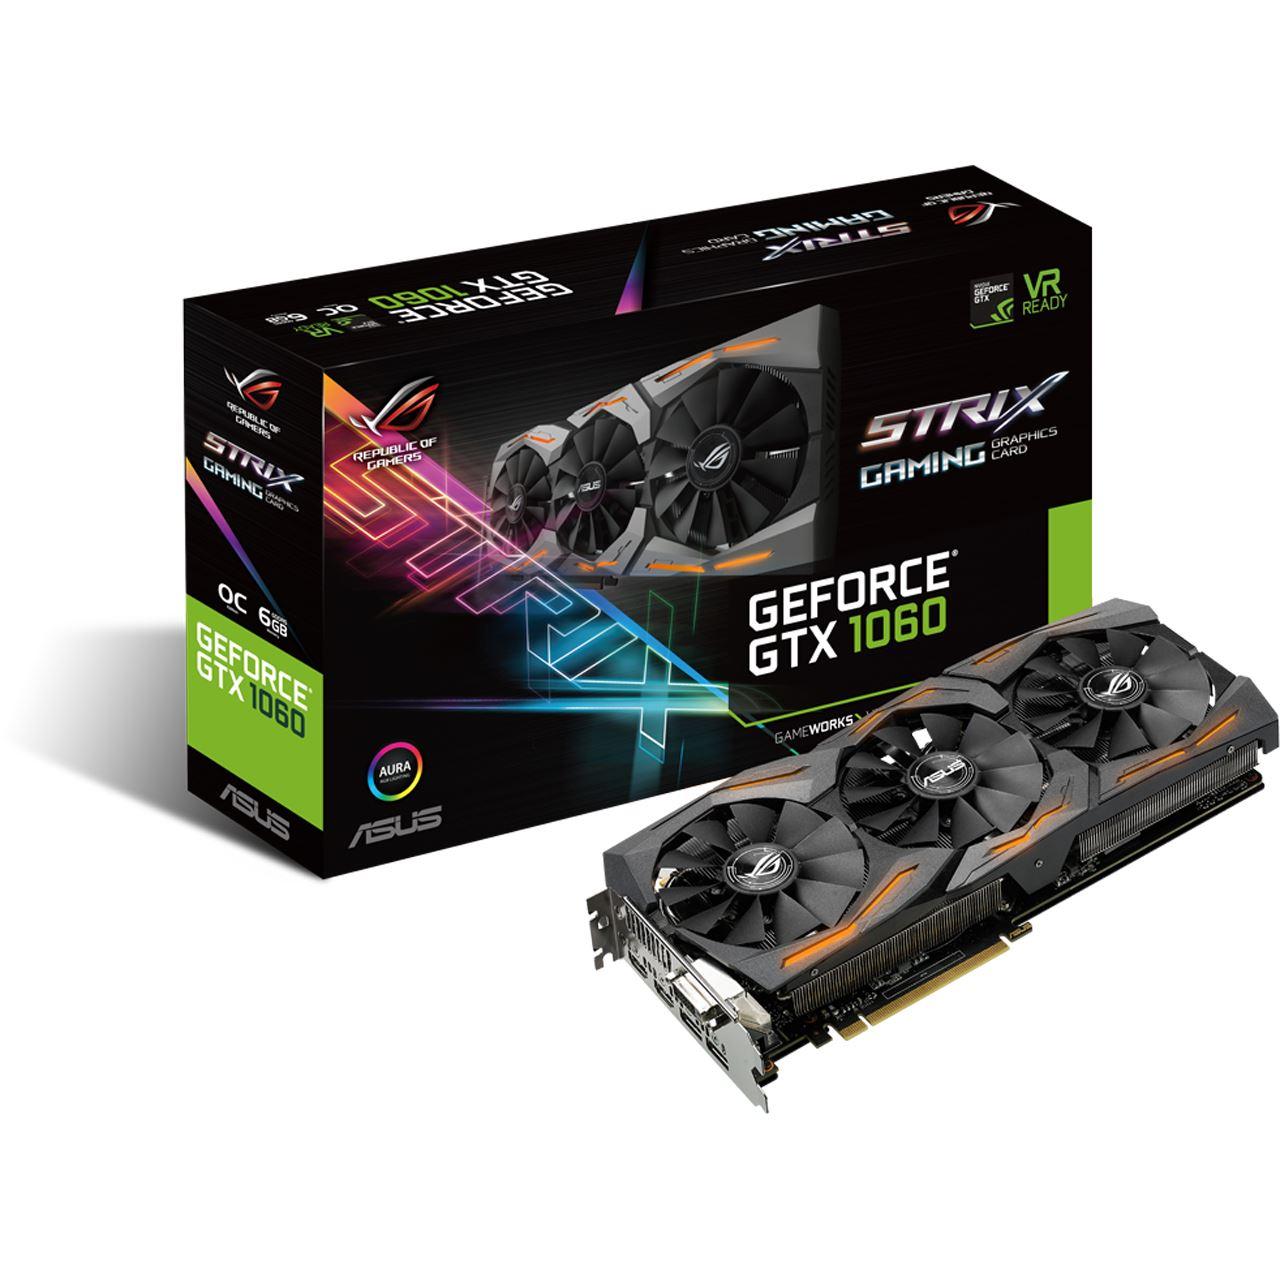 [saturn.de] ASUS GeForce GTX 1060 ROG Strix OC 6GB *neuer Bestpreis* Masterpass-Promo